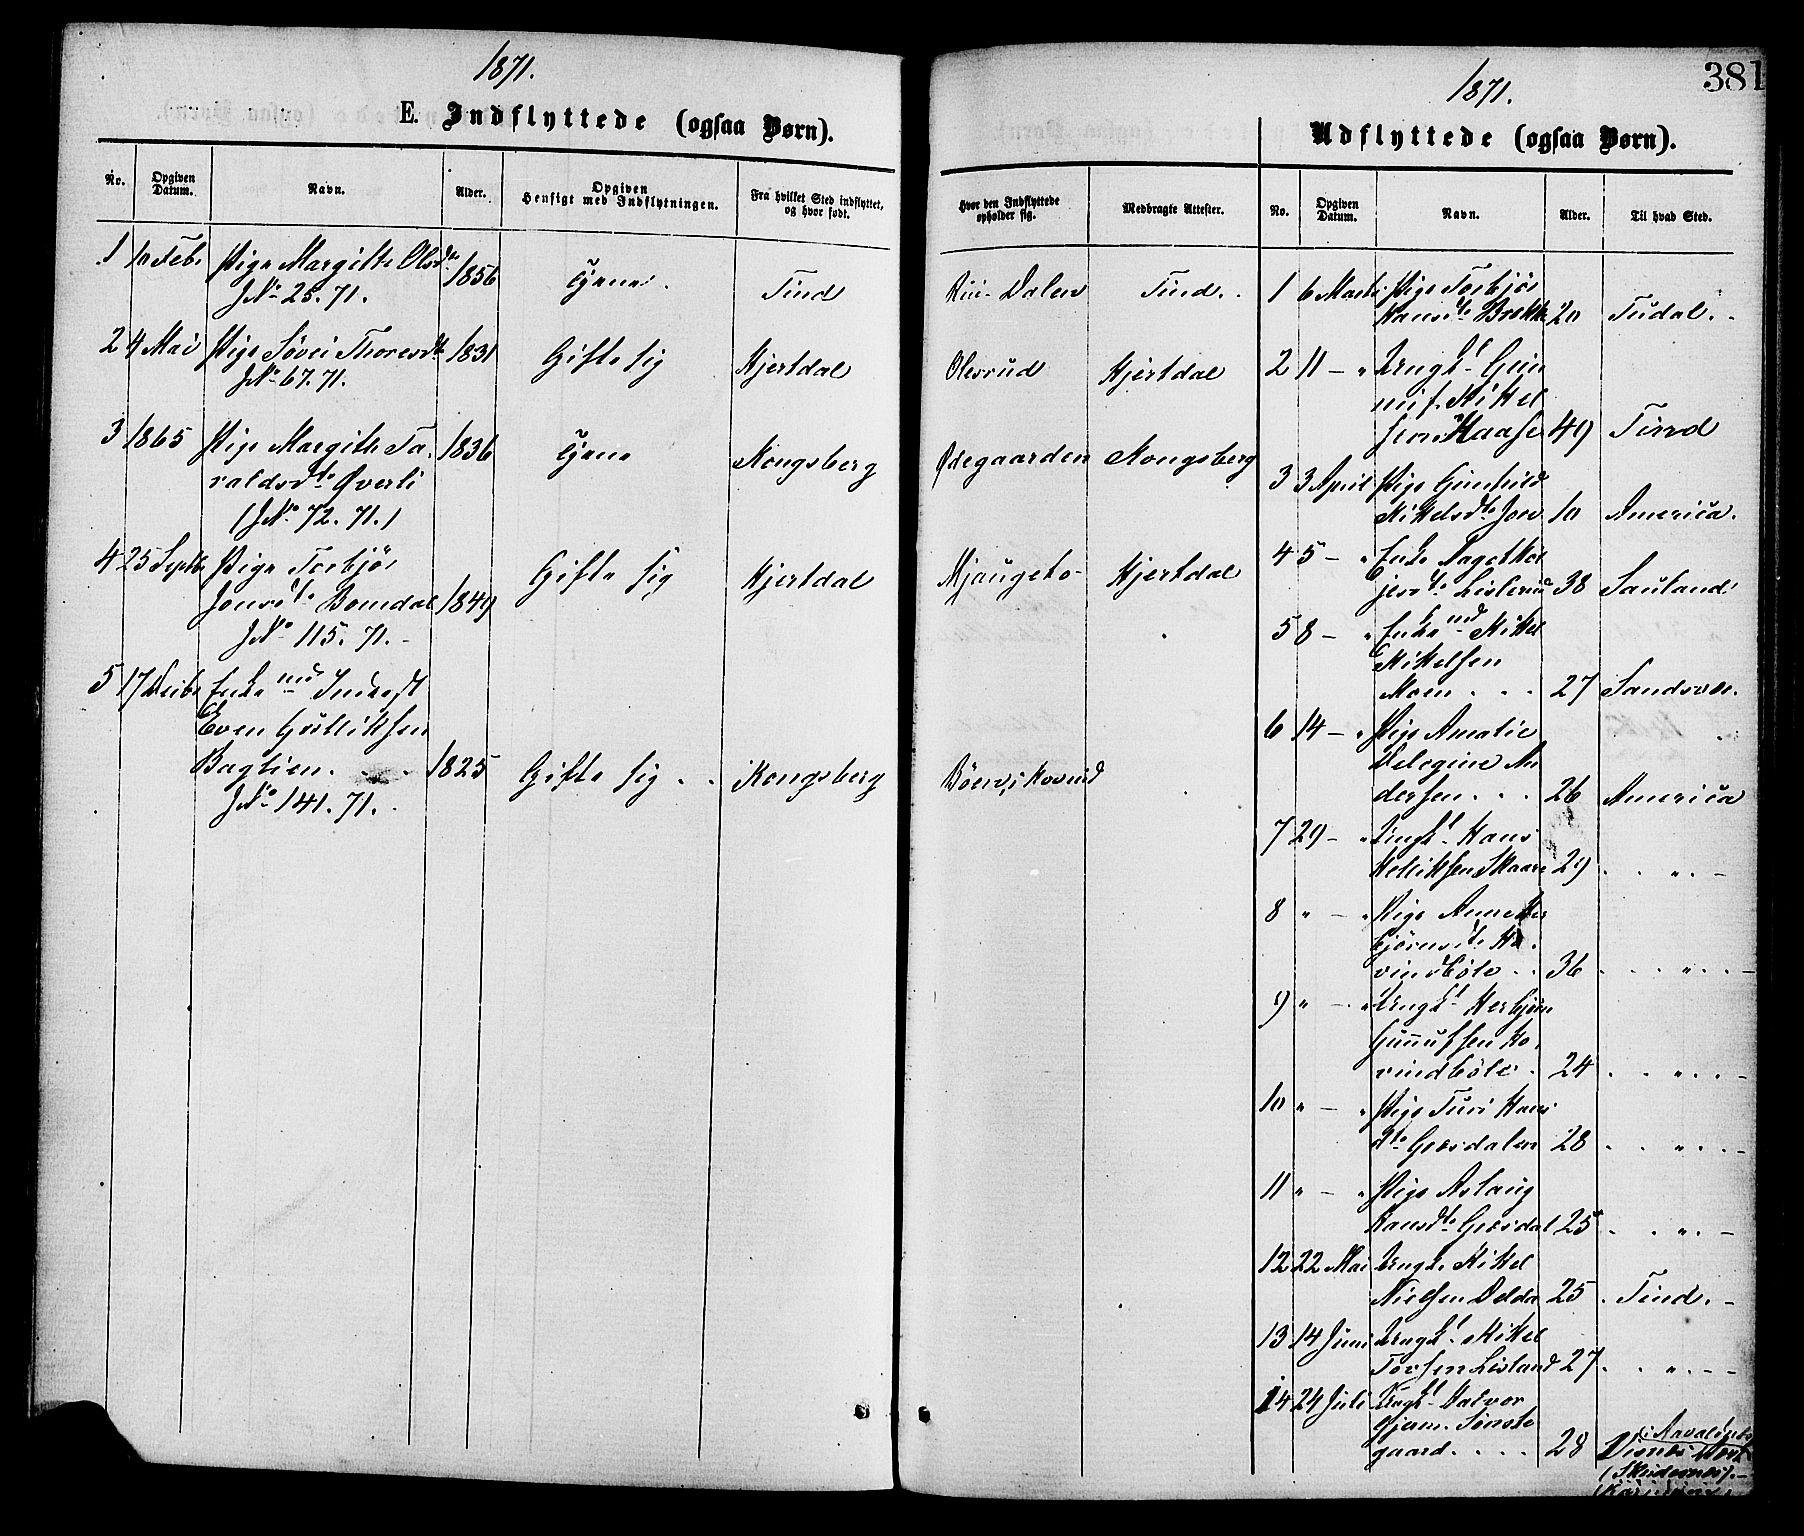 SAKO, Gransherad kirkebøker, F/Fa/L0004: Ministerialbok nr. I 4, 1871-1886, s. 381